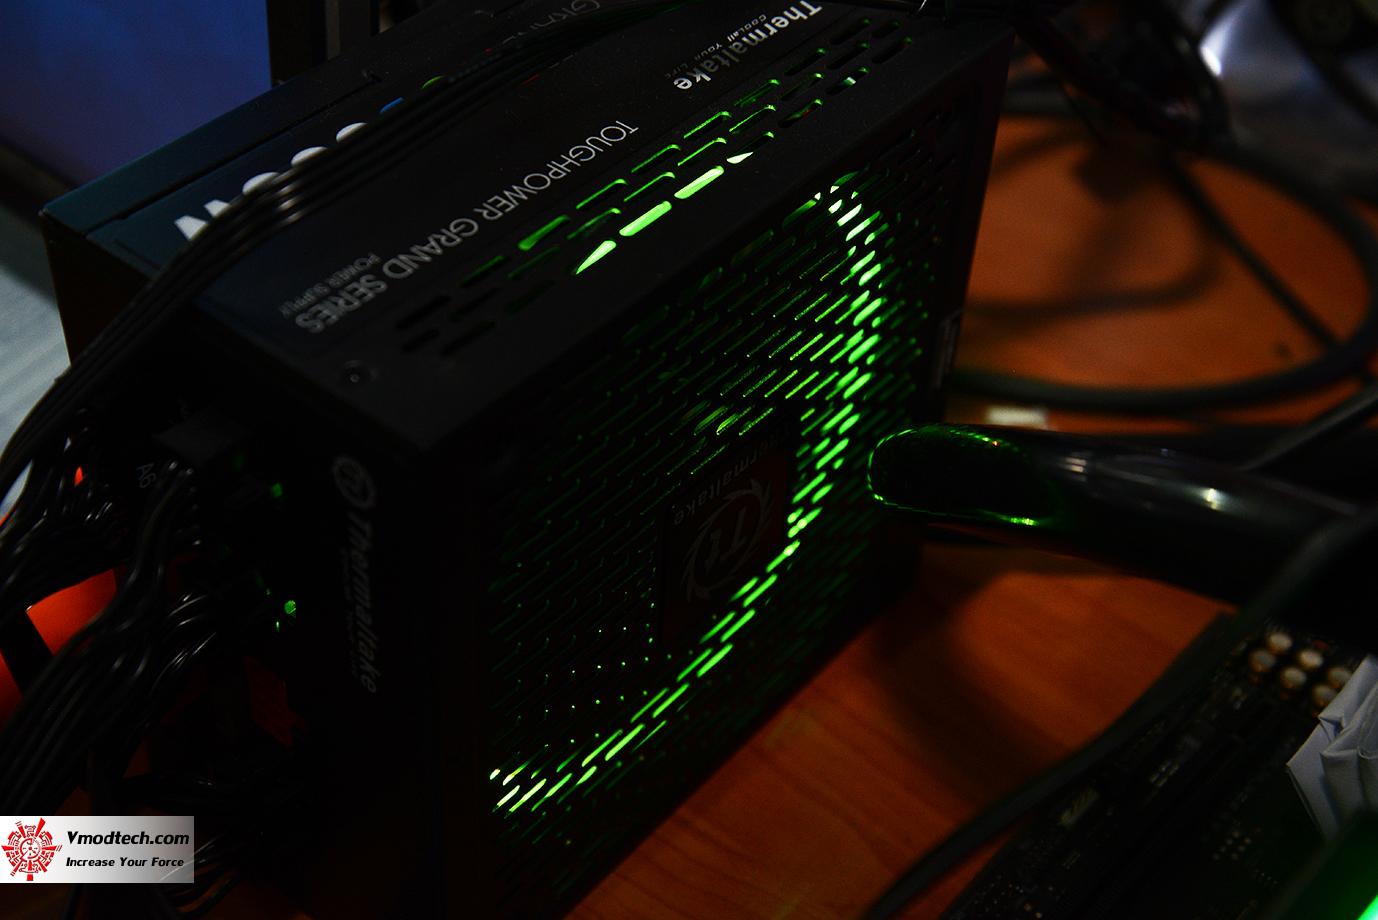 dsc 6166 Thermaltake Toughpower DPS G RGB 650W Gold Review